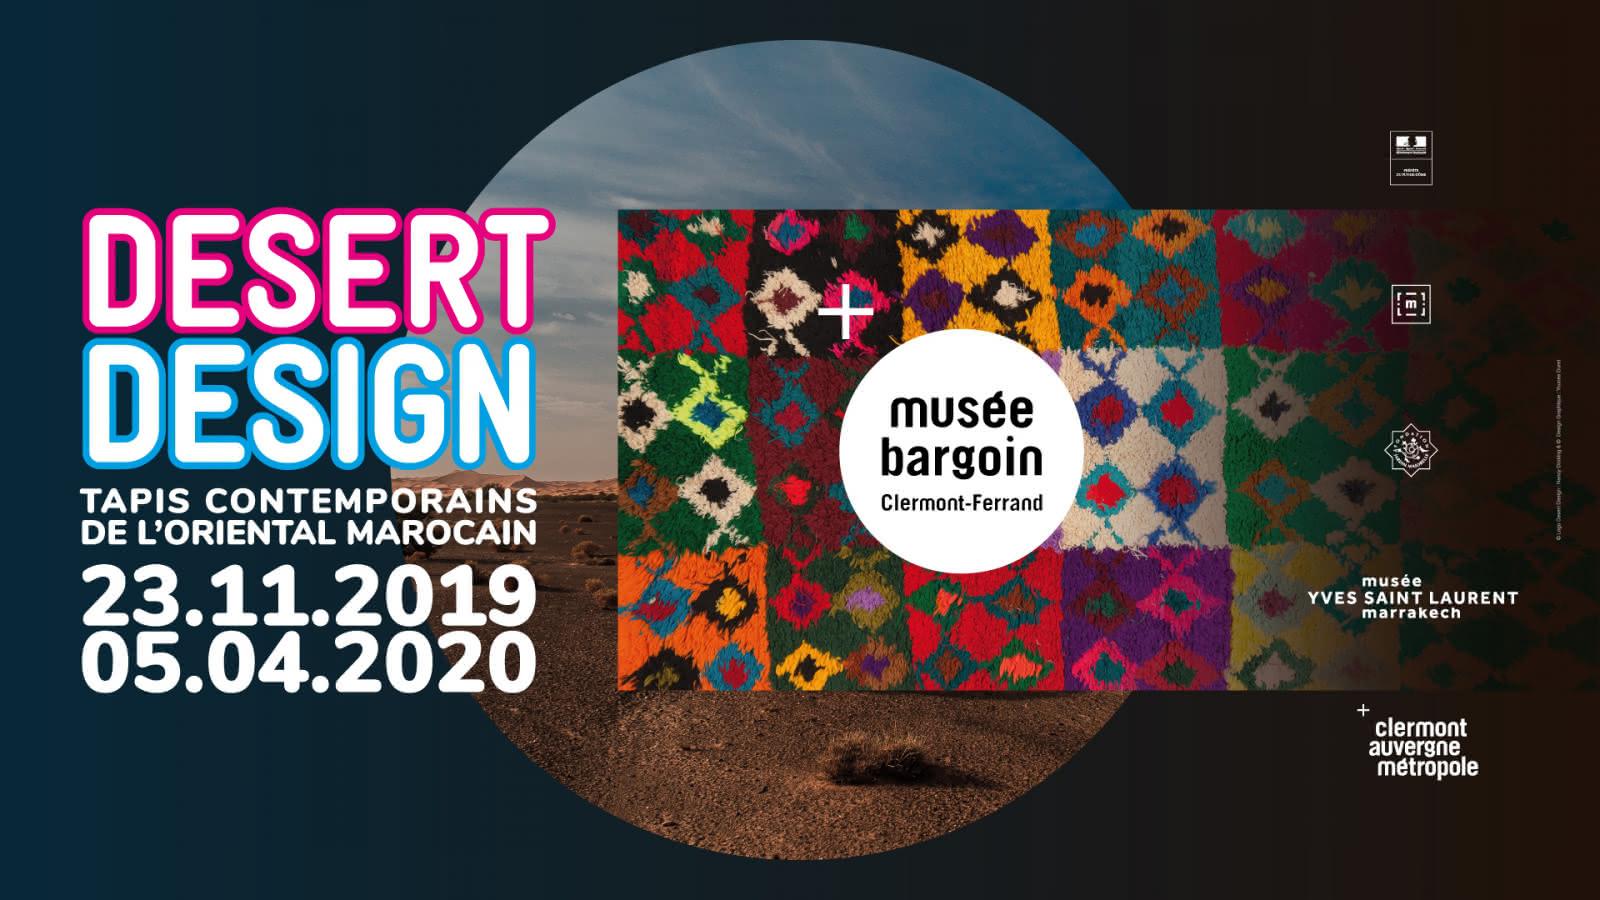 [ANNULÉ] Desert Design : visites commentées